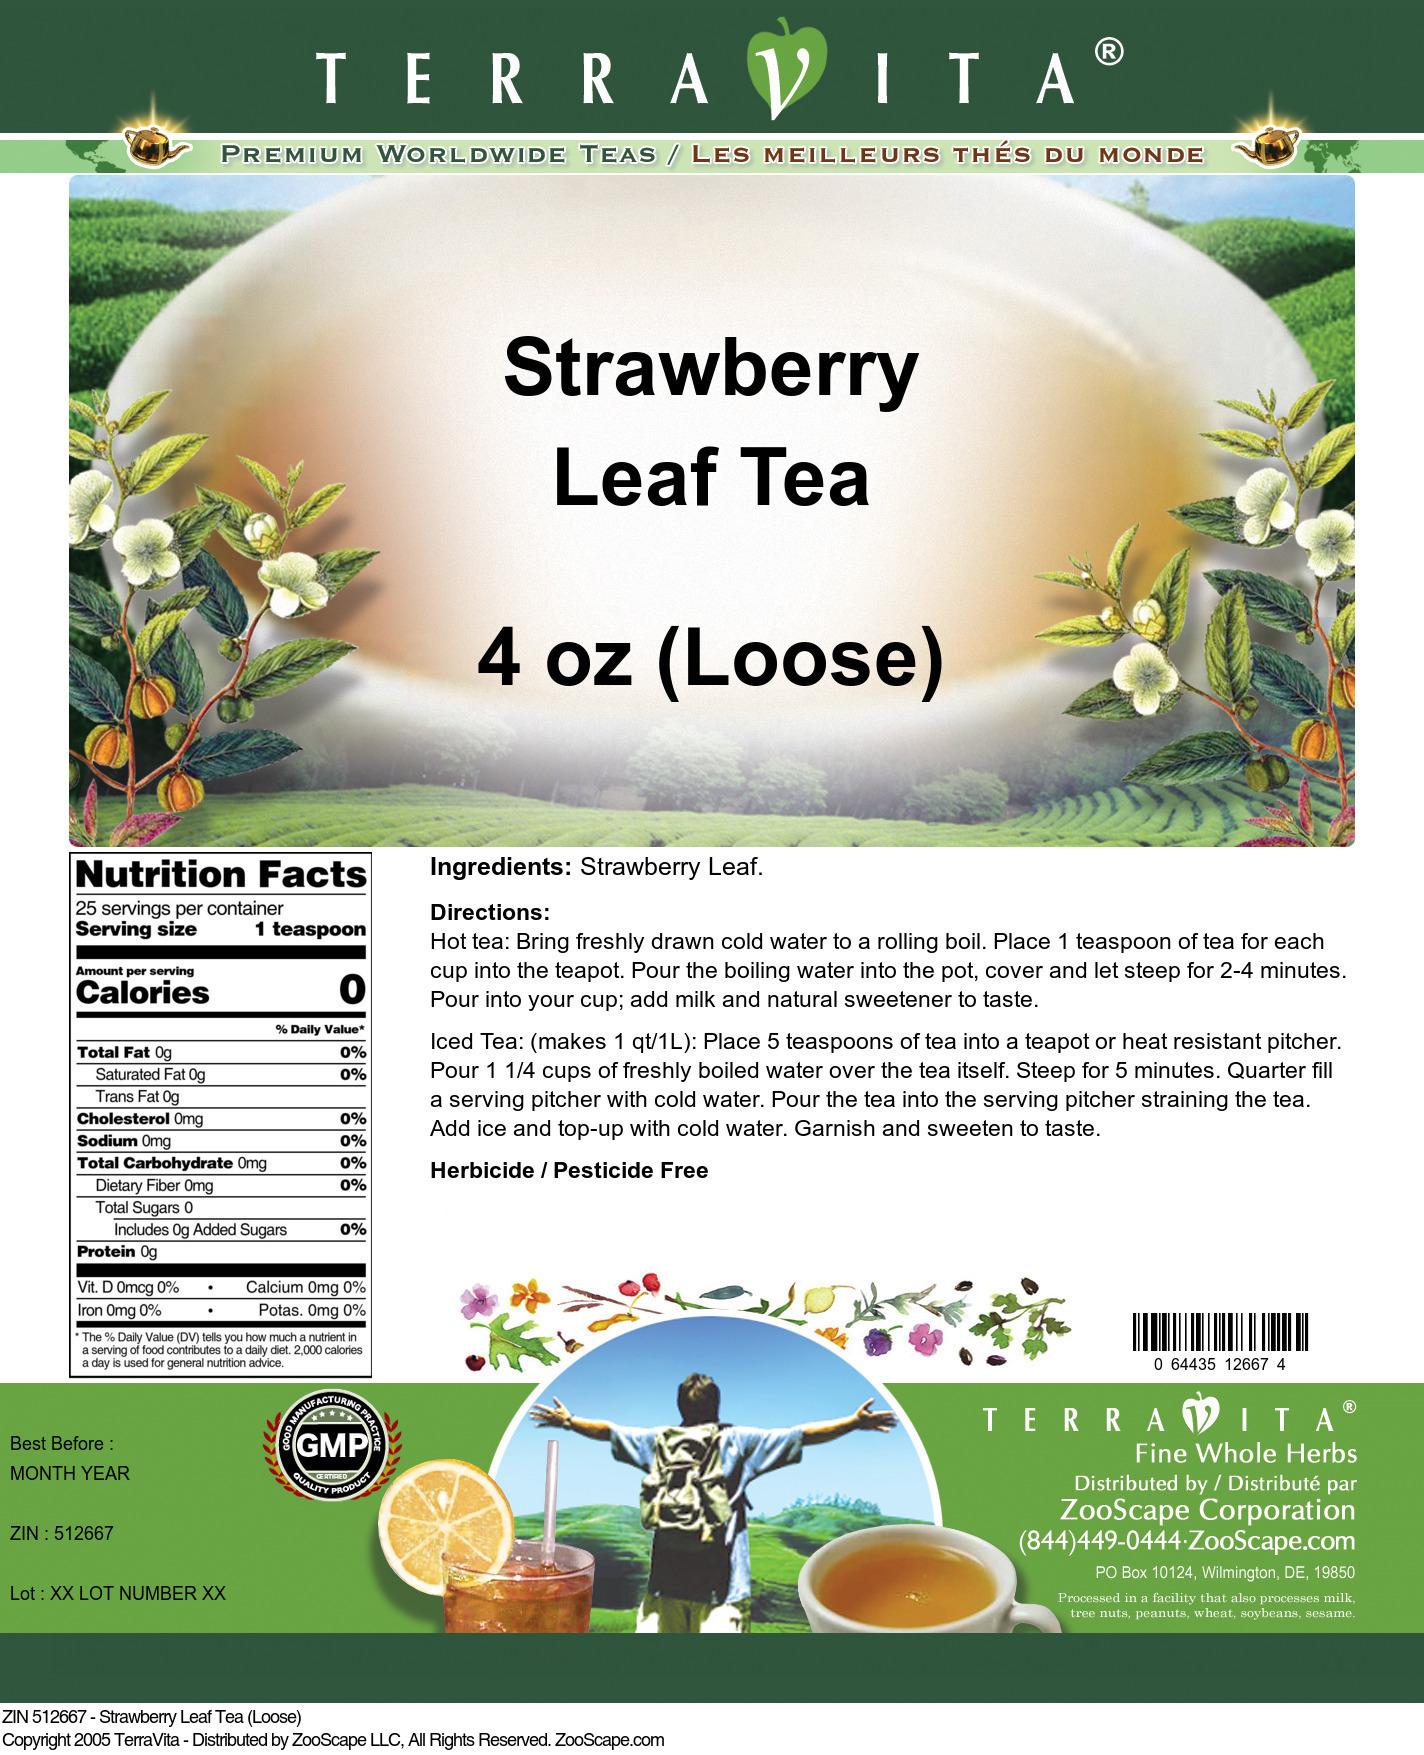 Strawberry Leaf